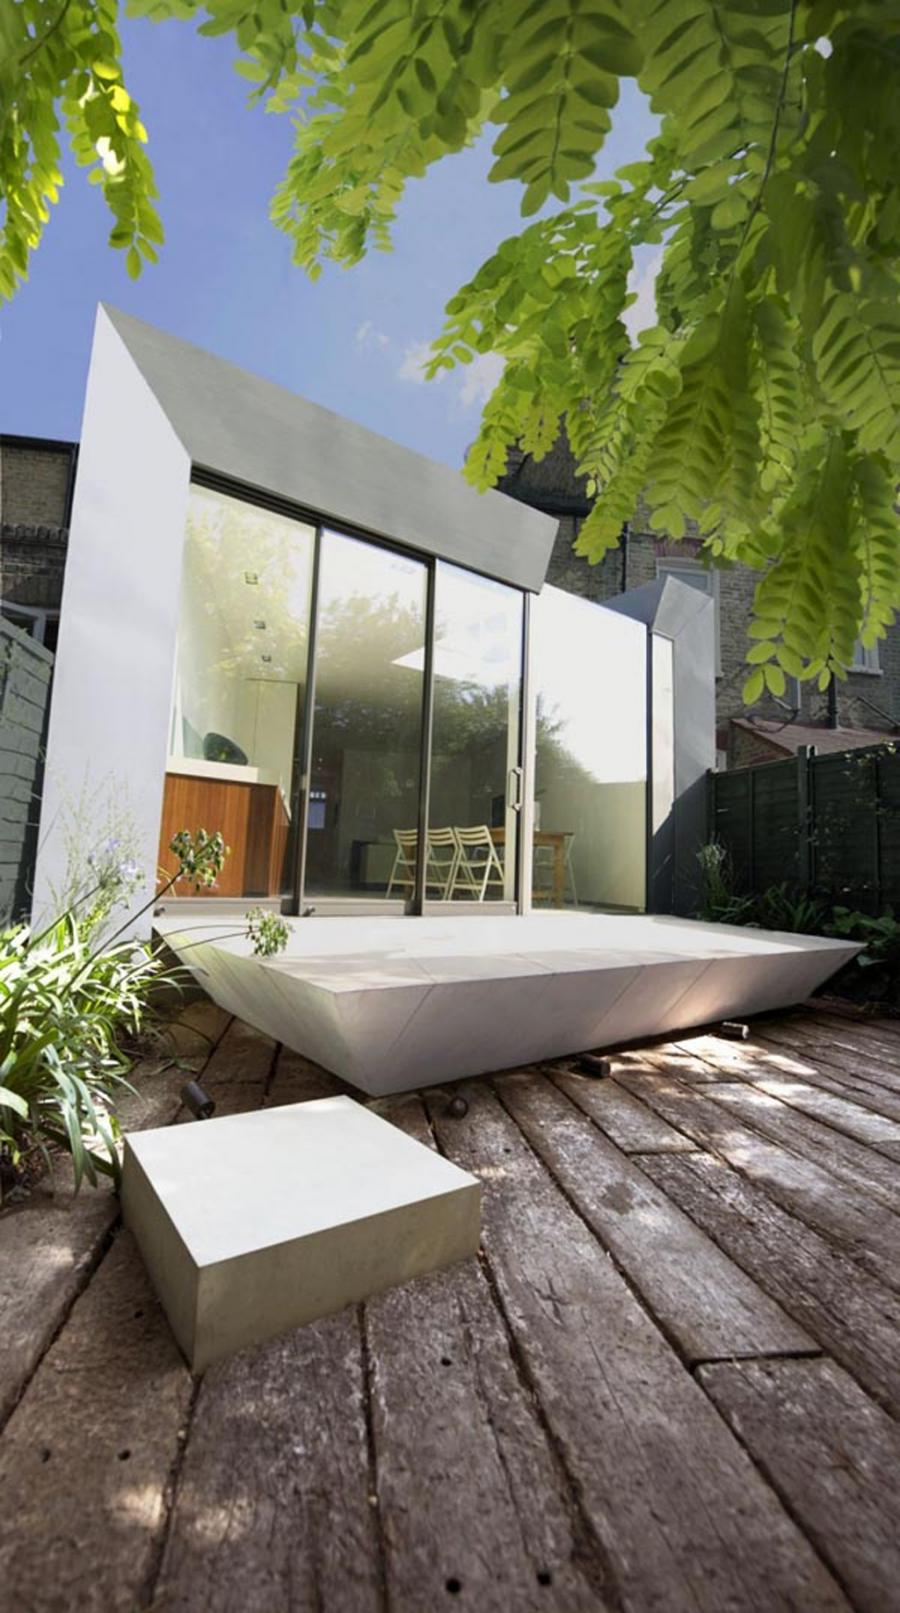 Photos of outdoor bathrooms for Outdoor bathroom decor